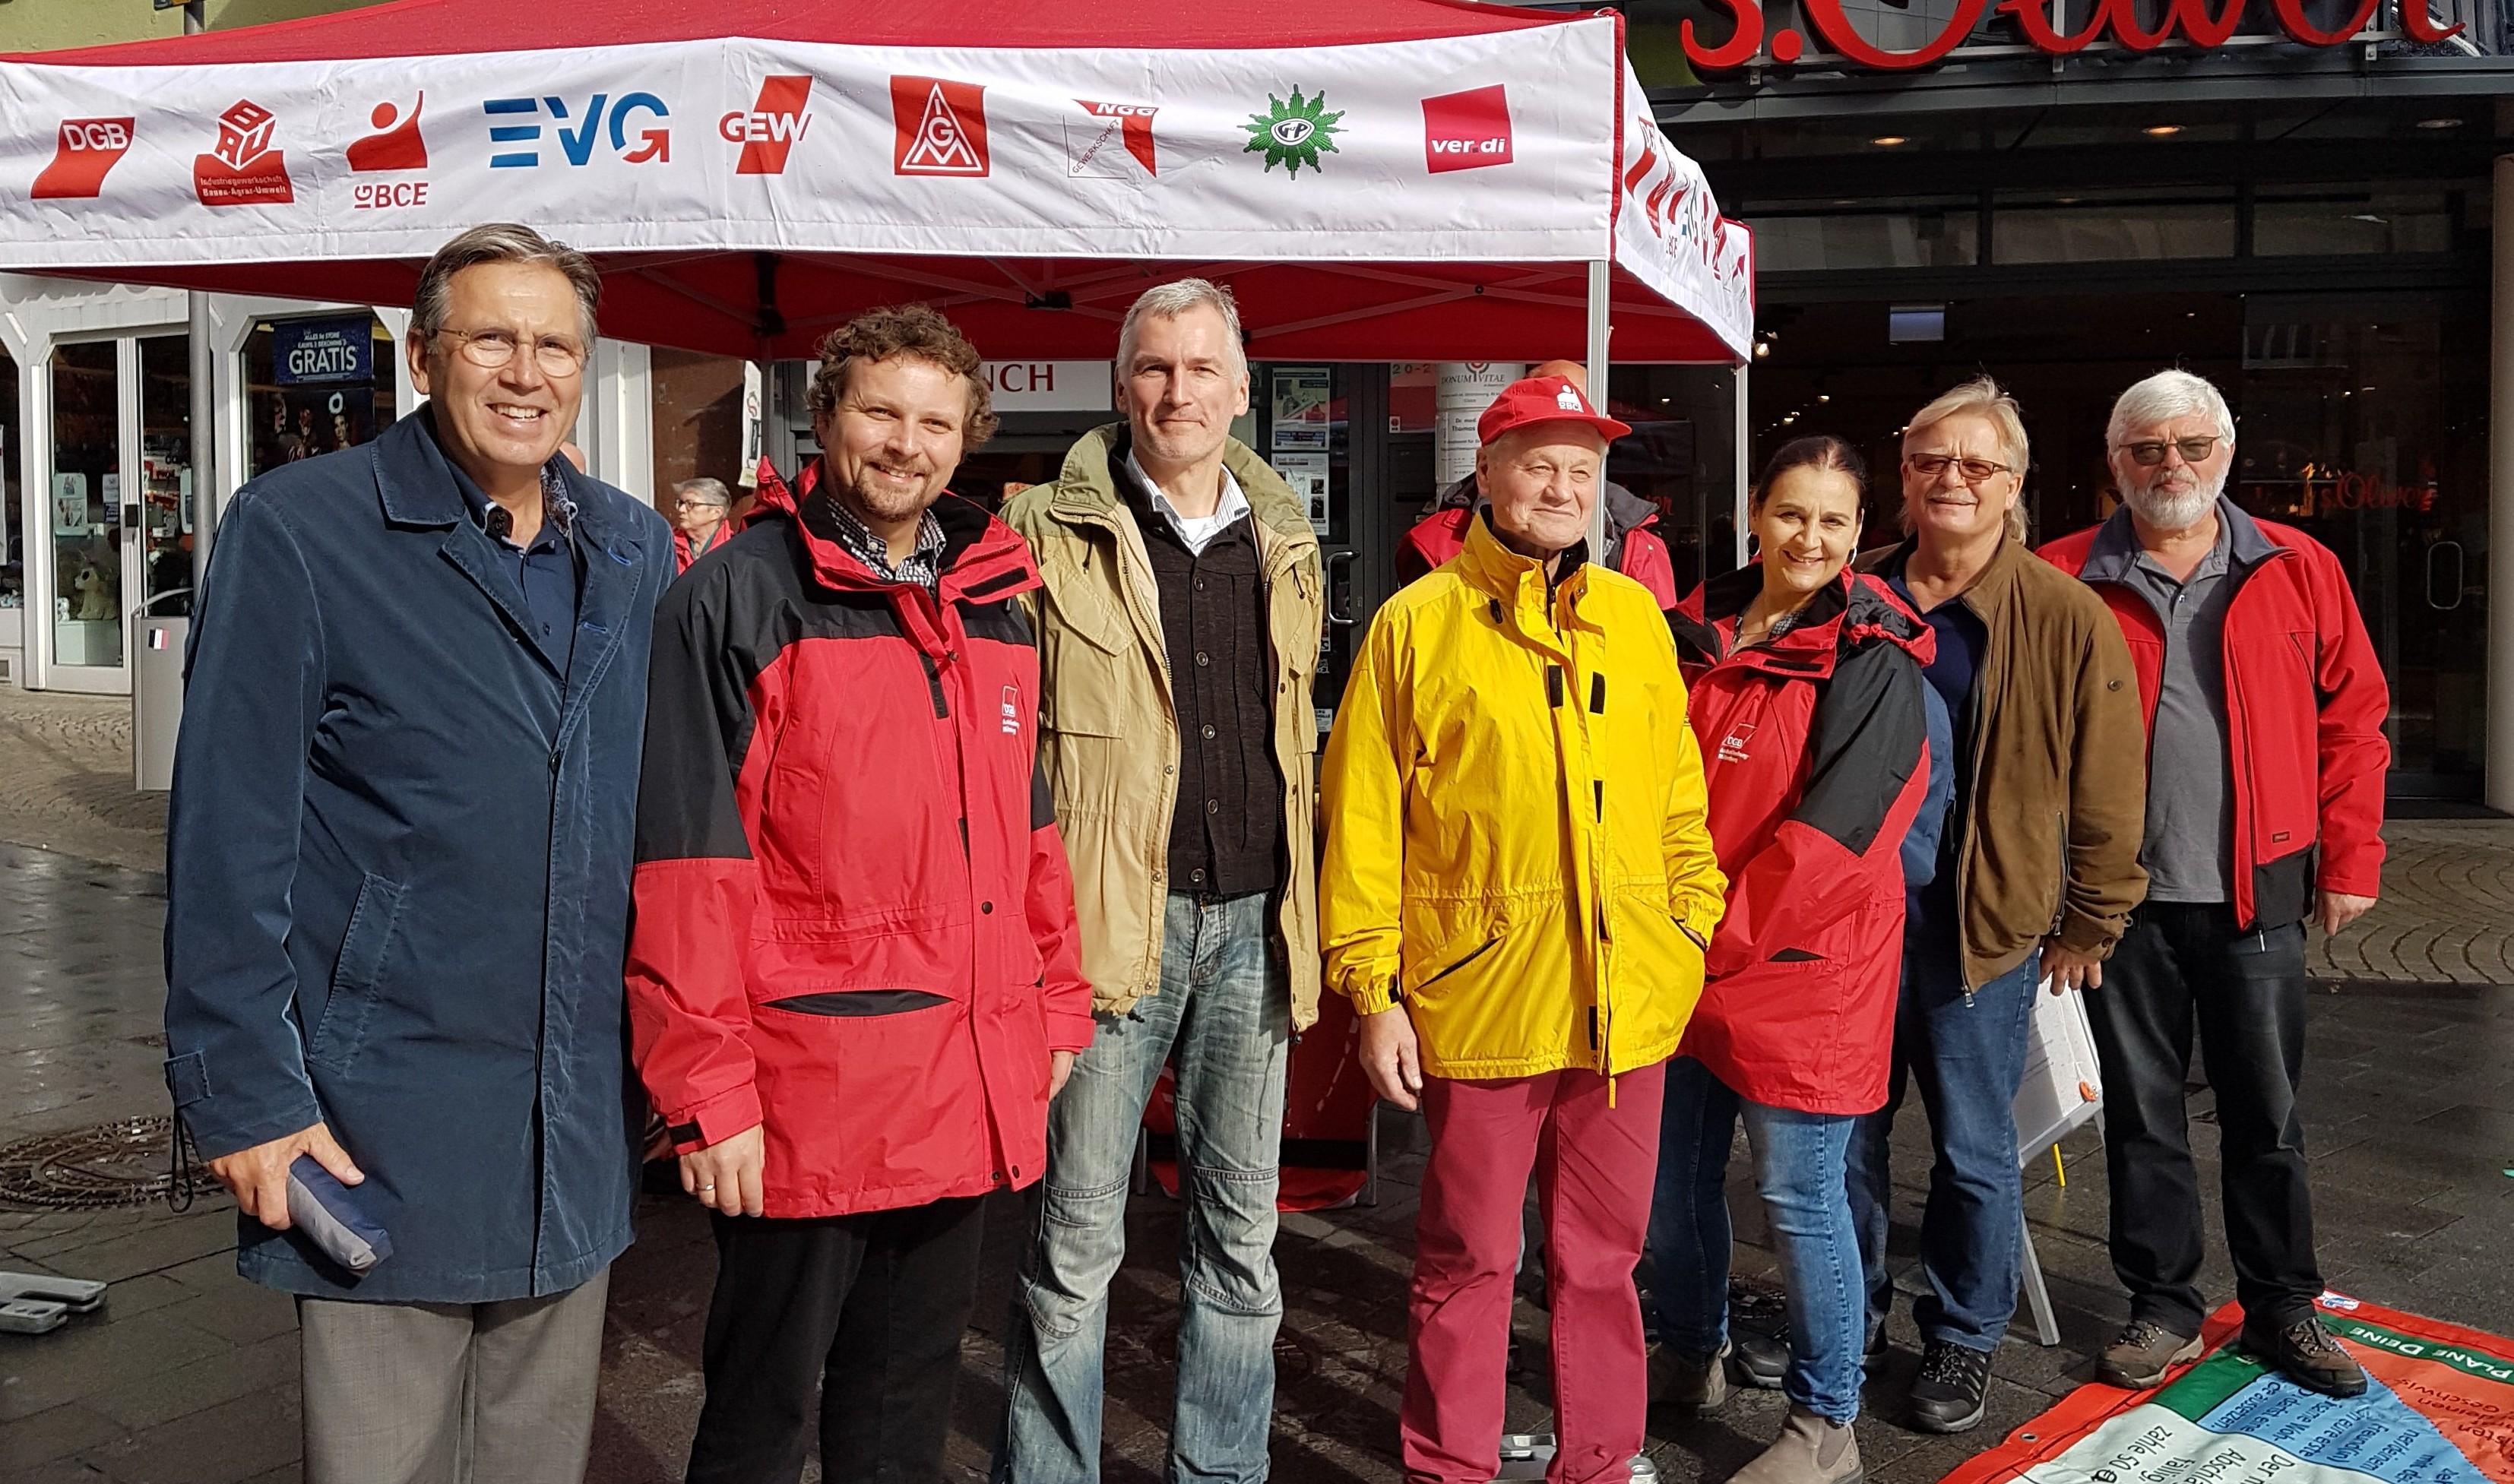 Ehrenamtliche des DGB bei Aktionstag in Aschaffenburg